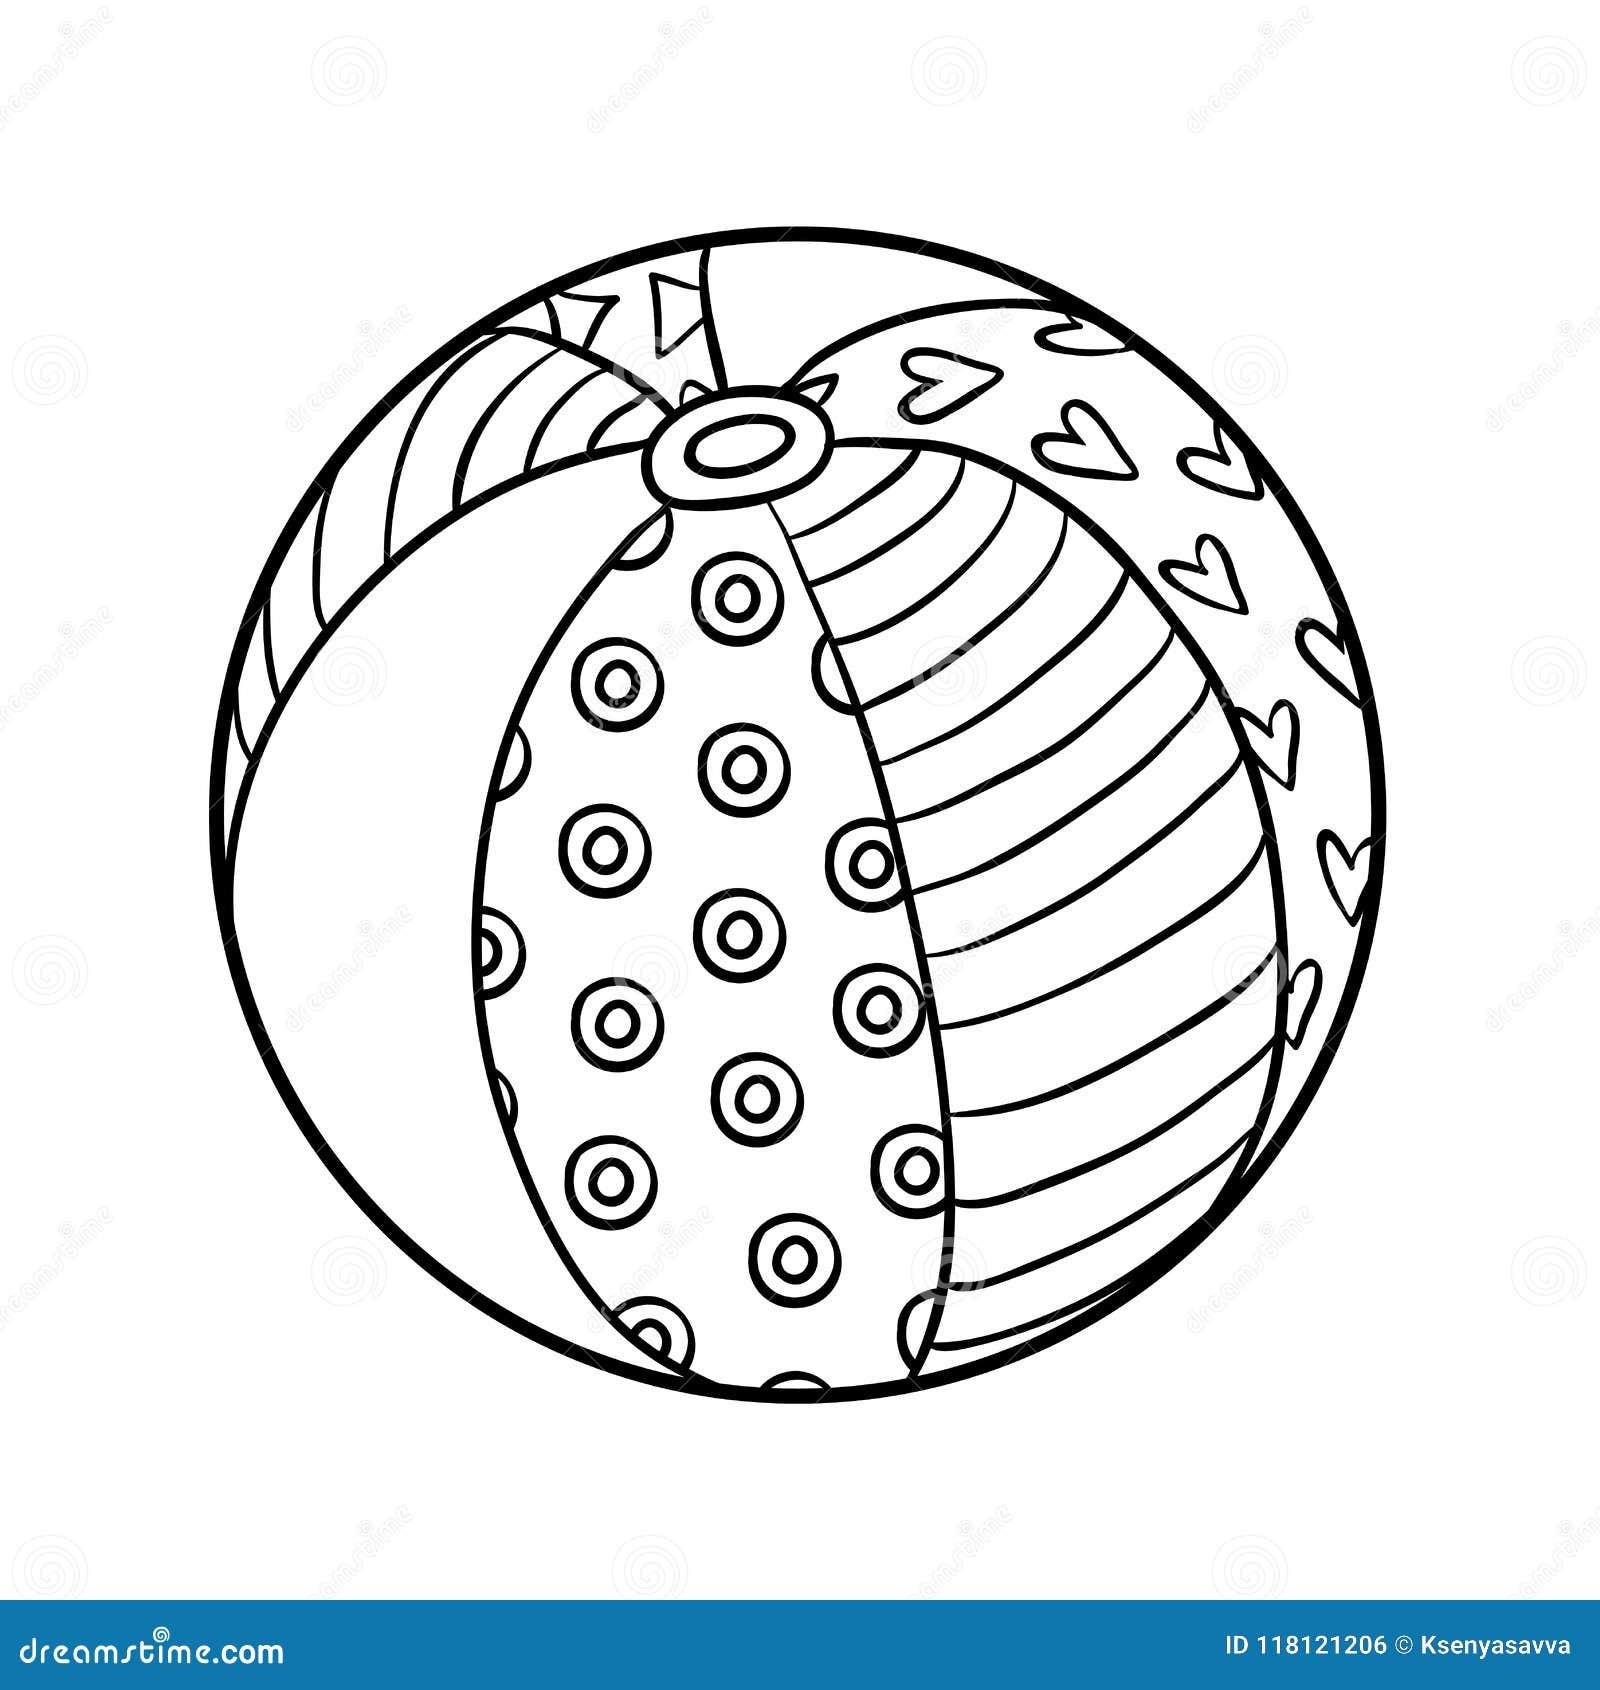 Ballon Pour Coloriage.Livre De Coloriage Ballon De Plage Illustration De Vecteur